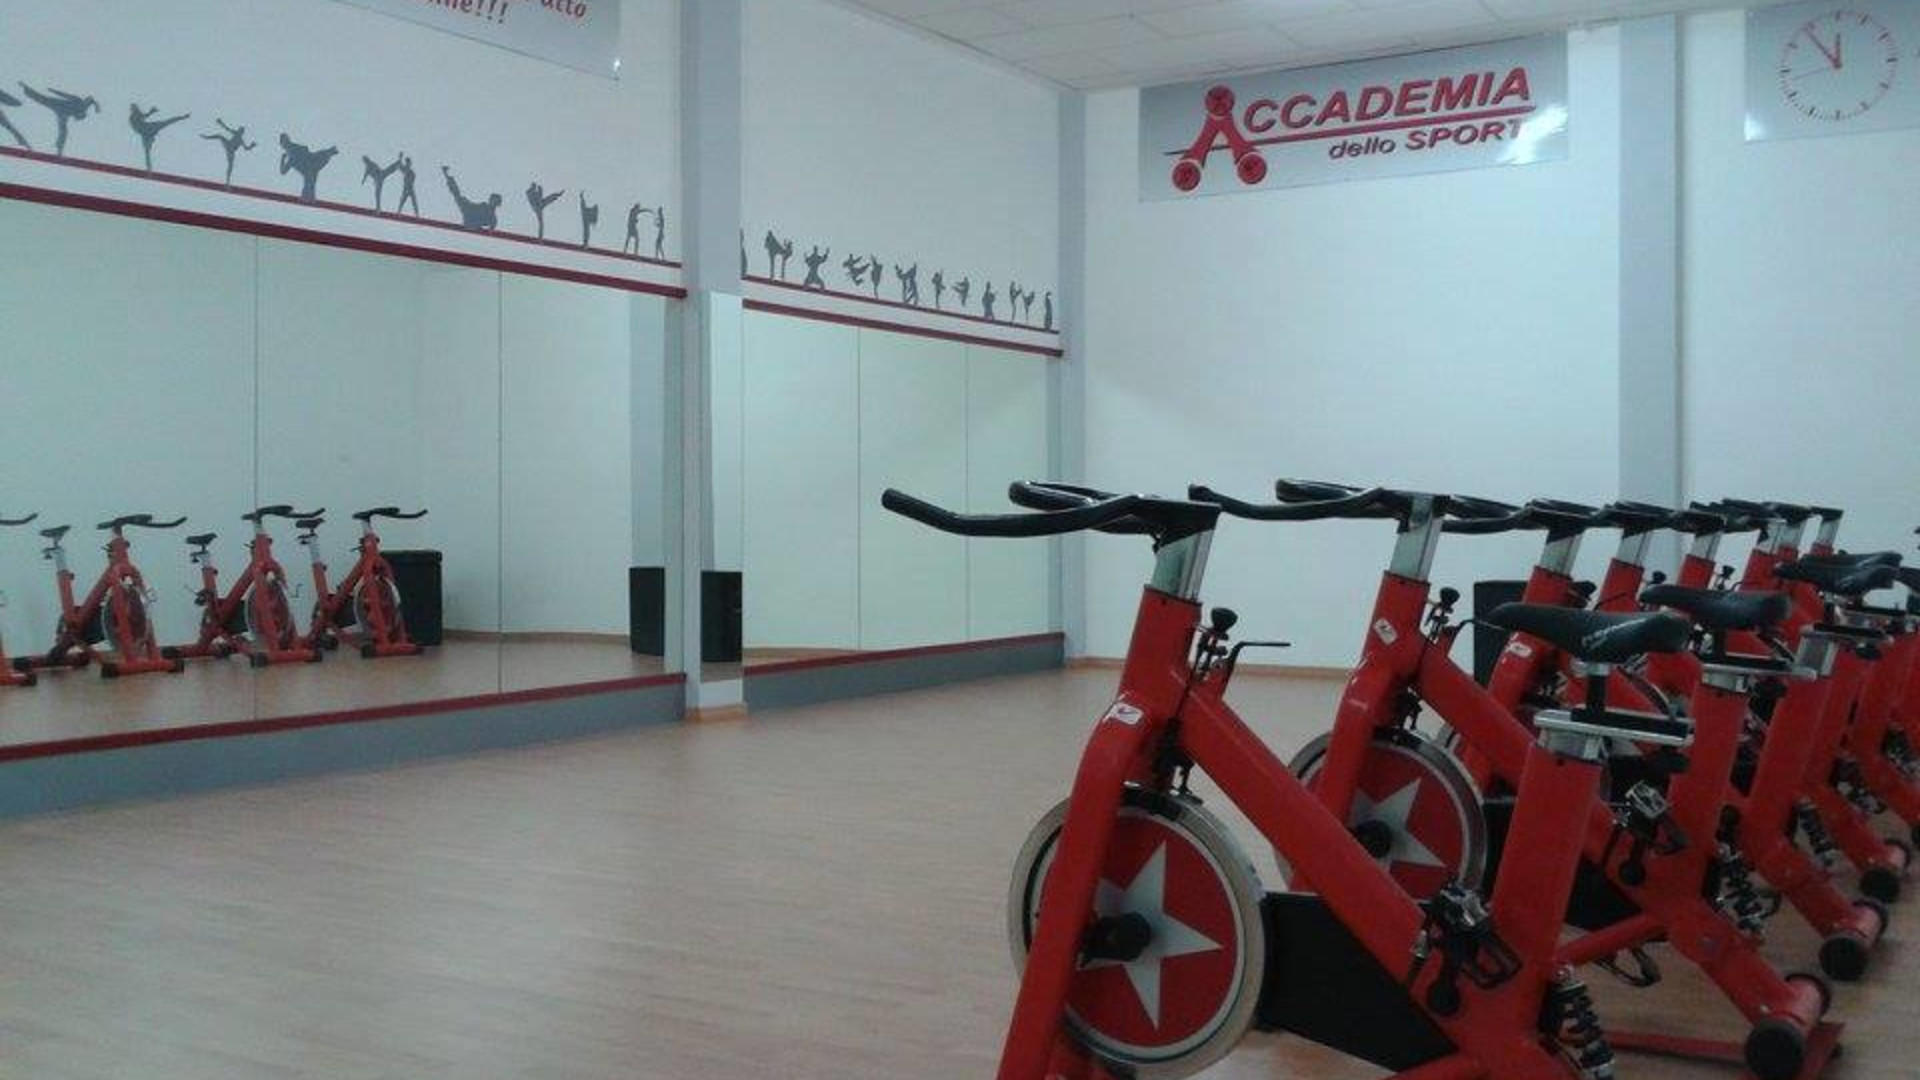 Accademia dello Sport orari